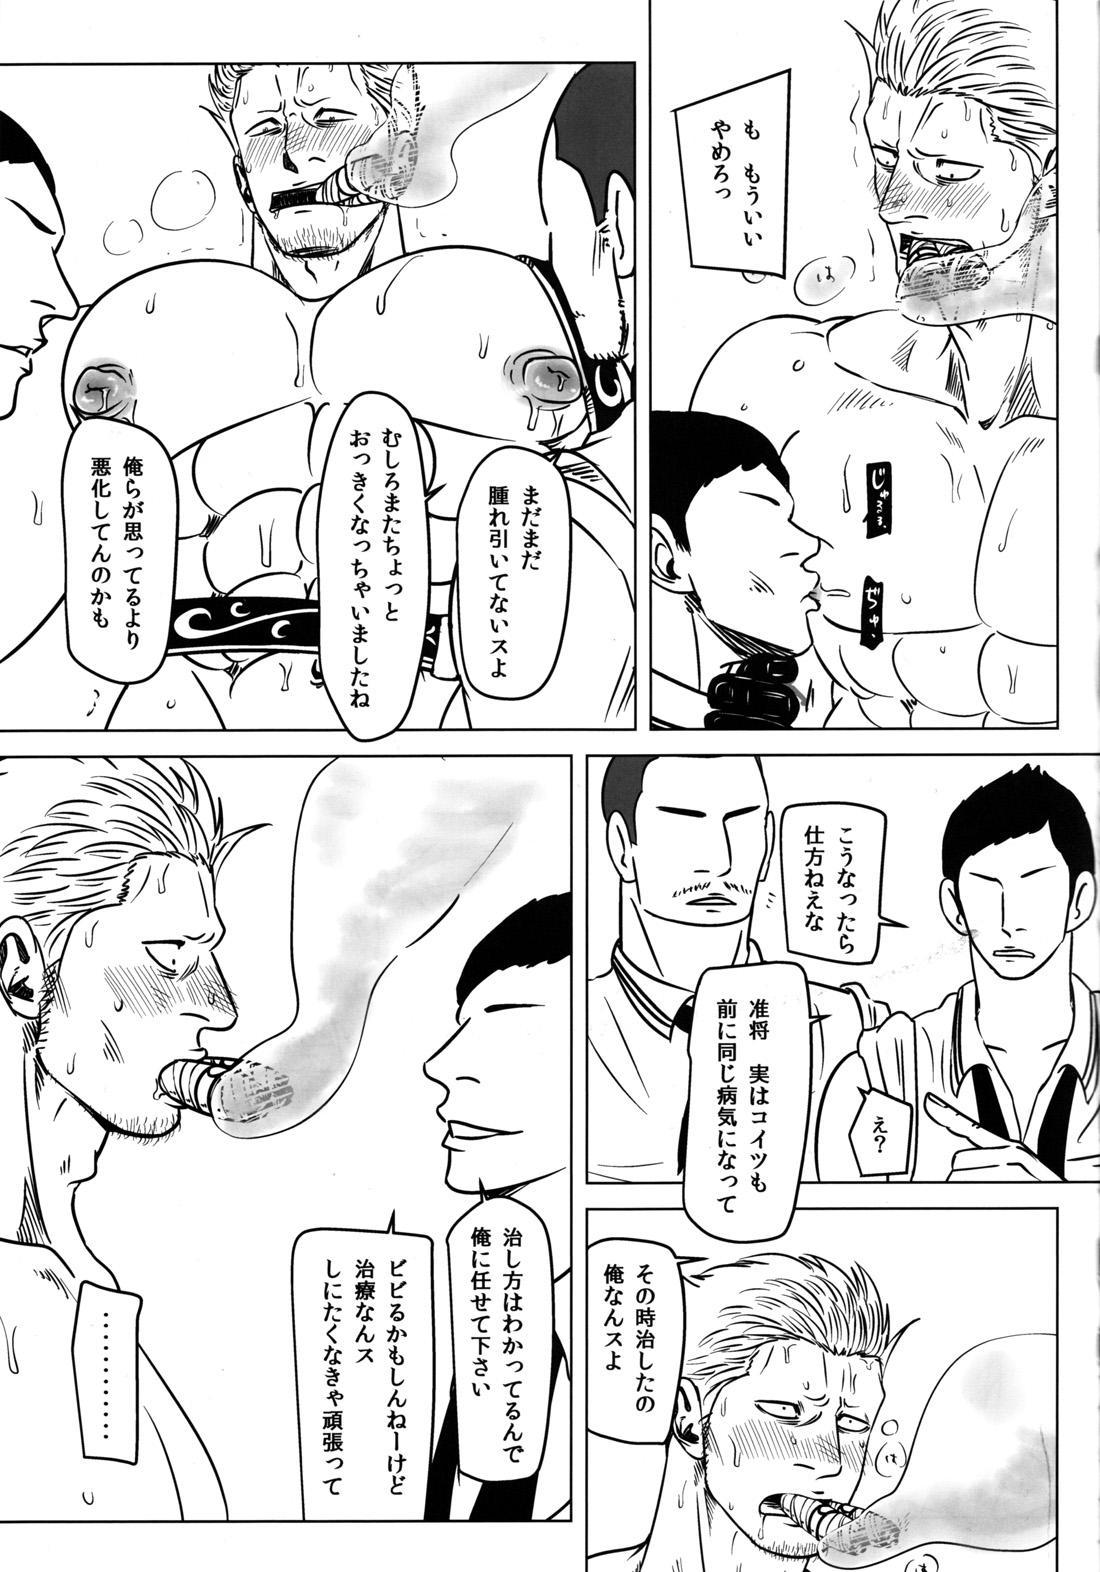 Dai B Chiku 11